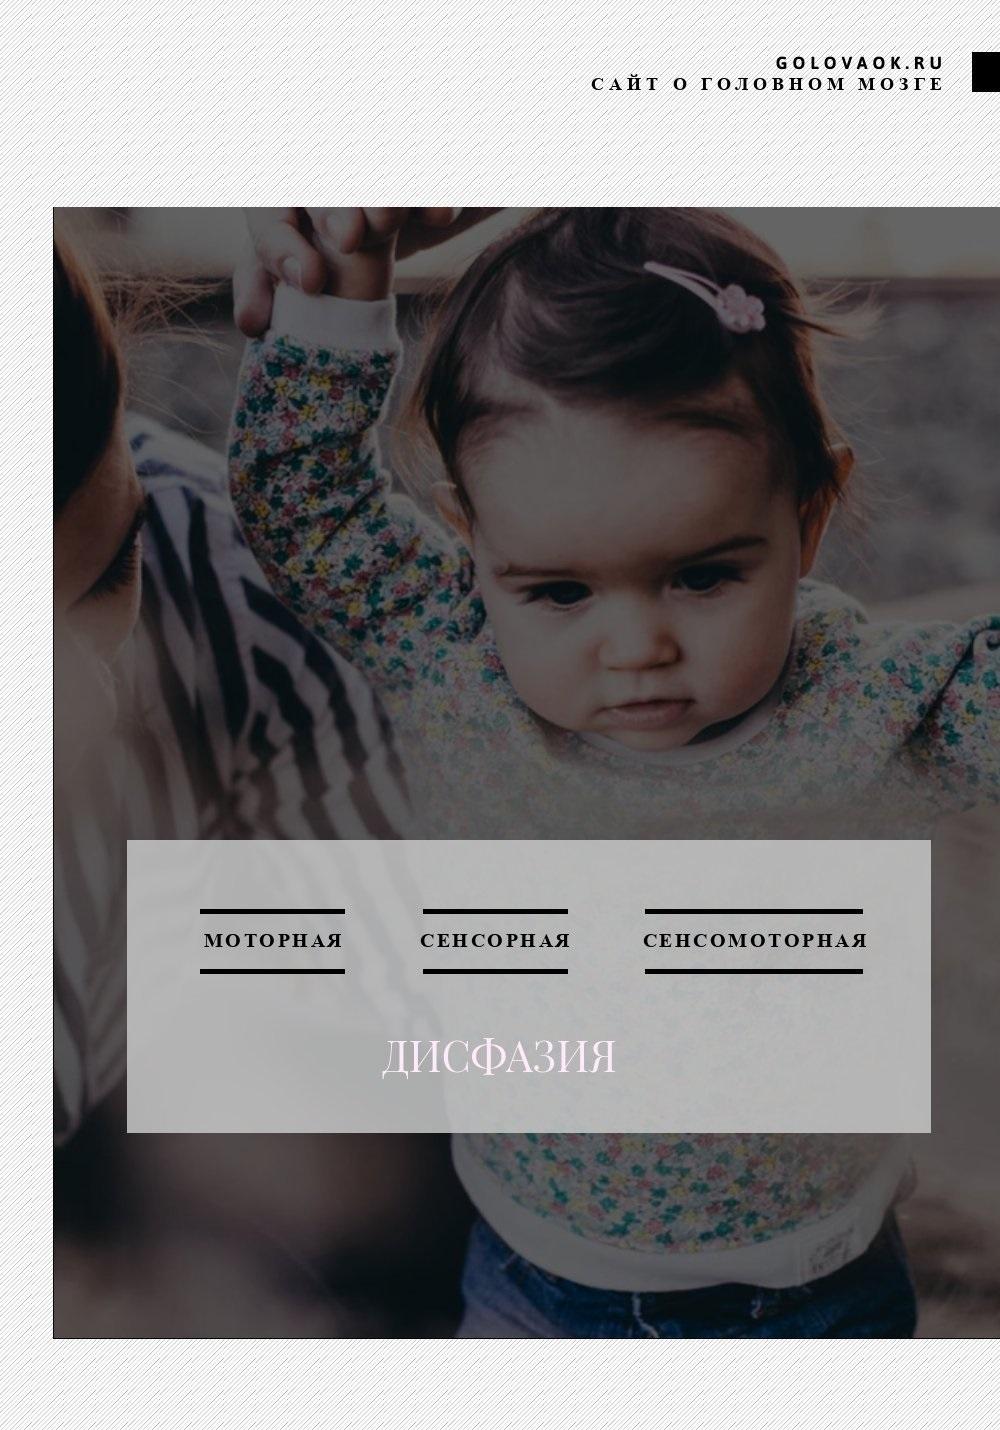 дисфазия развития у детей